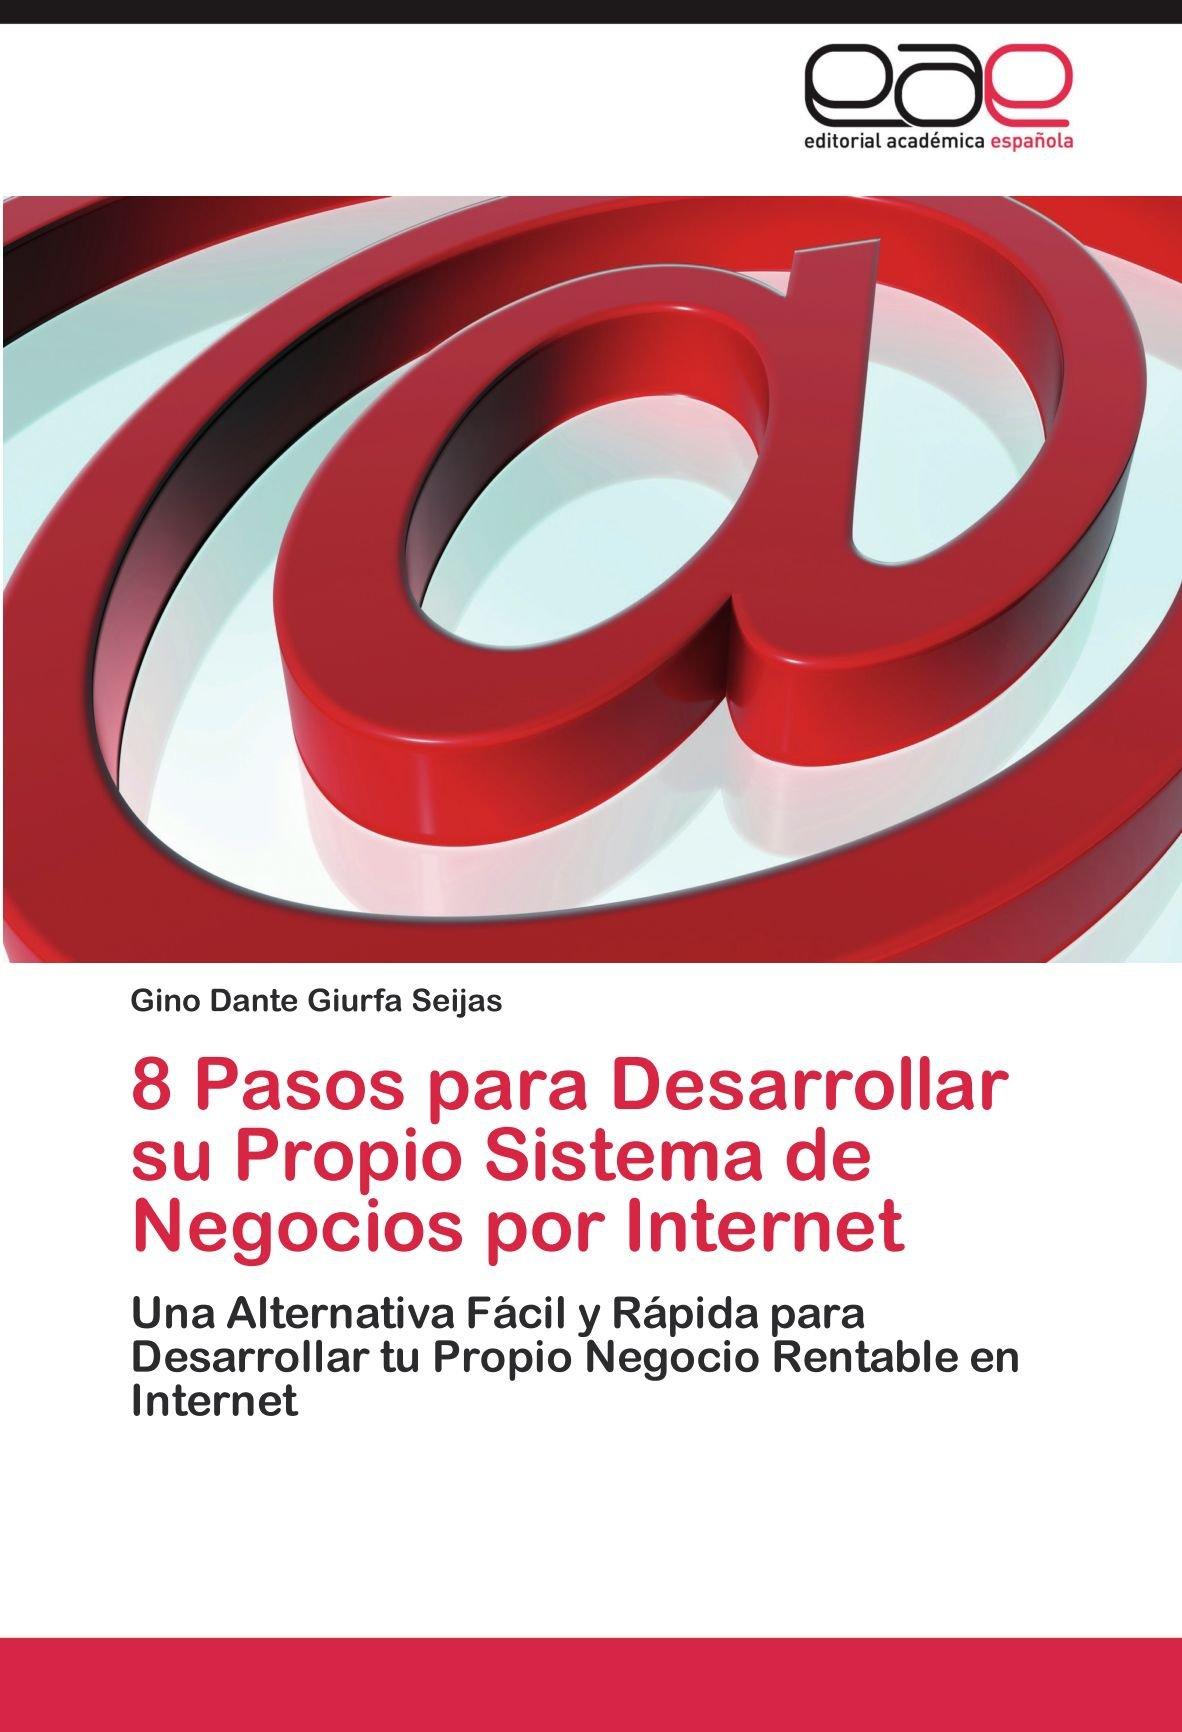 8 Pasos Para Desarrollar Su Propio Sistema de Negocios Por Internet: Amazon.es: Gino Dante Giurfa Seijas: Libros